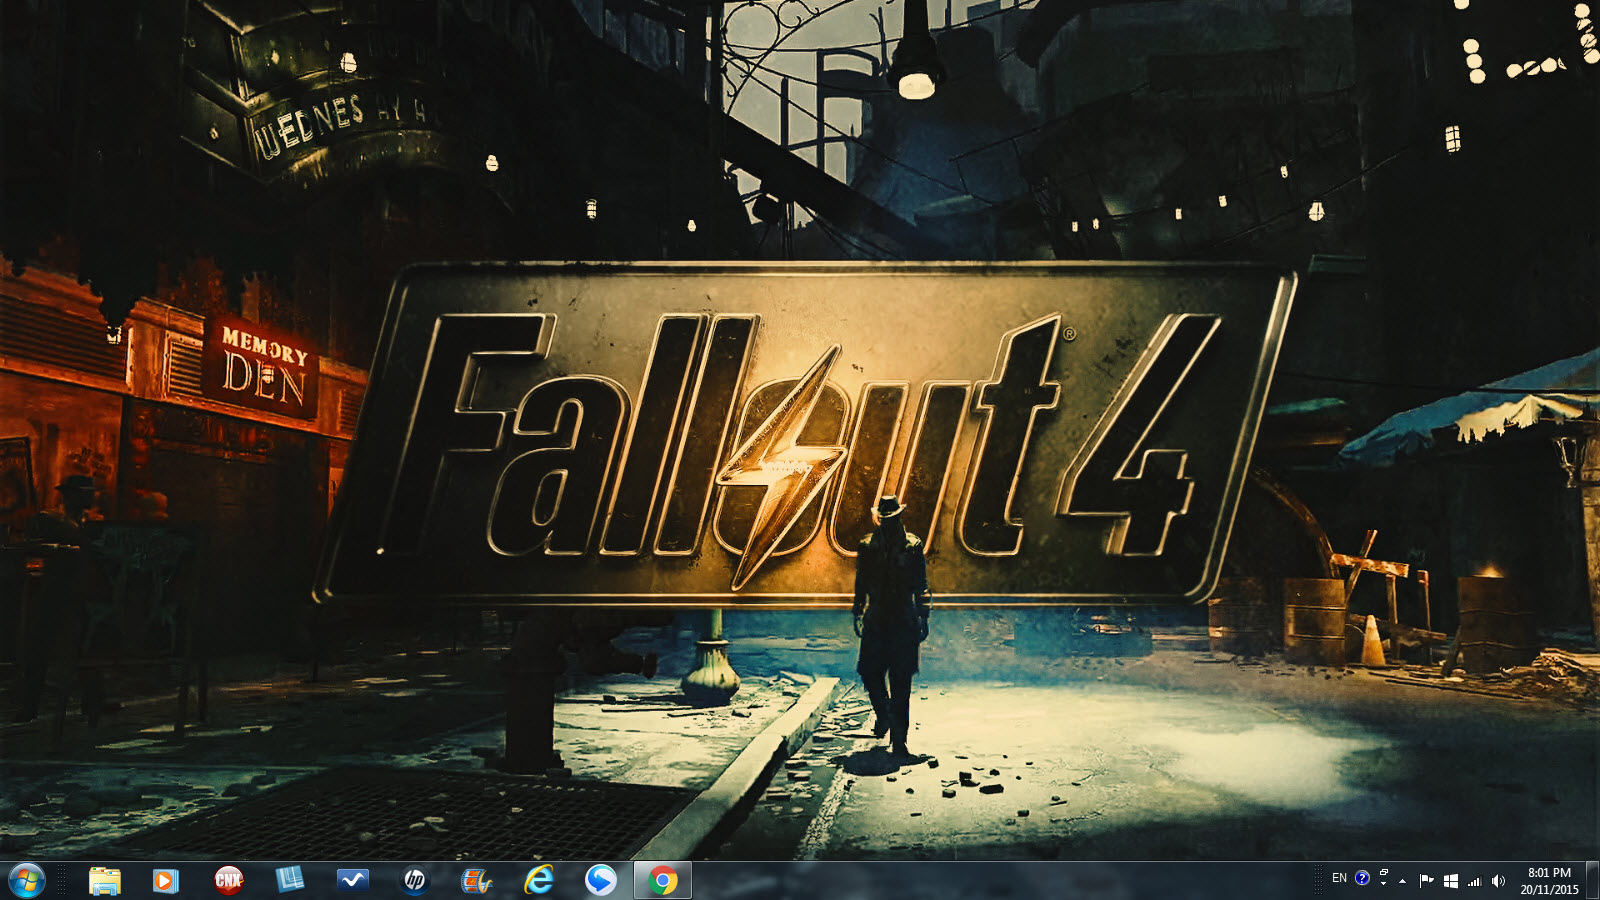 44+] Fallout 4 Wallpaper Pack on WallpaperSafari